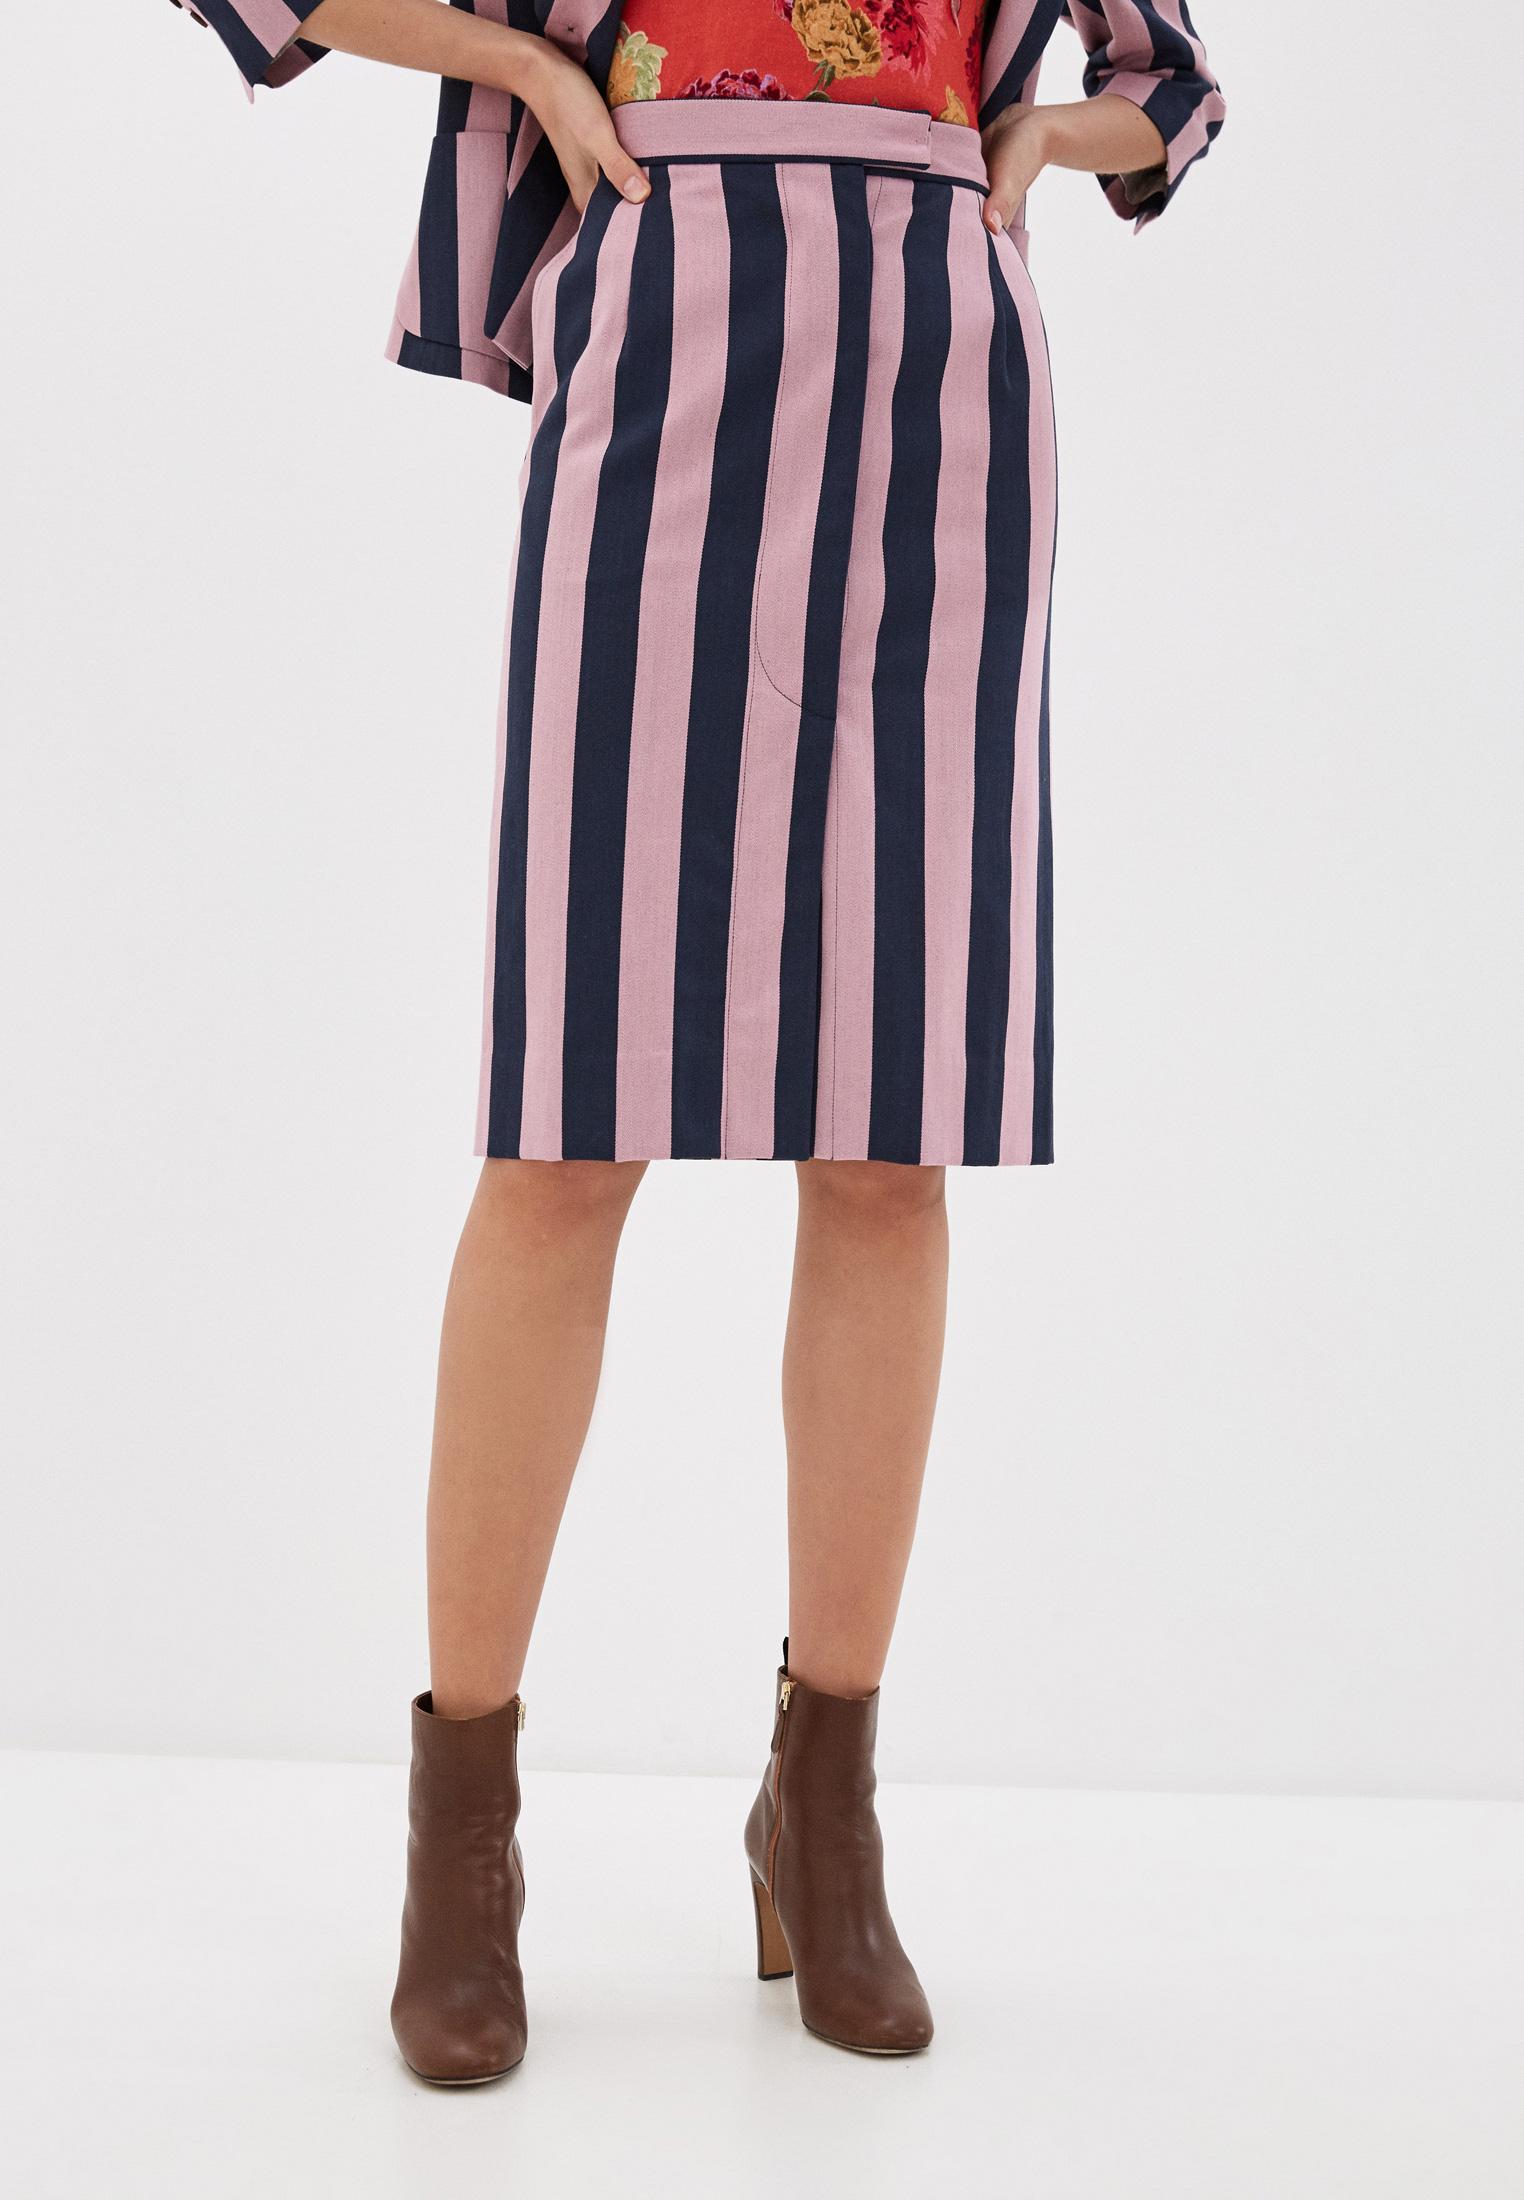 Прямая юбка Vivienne Westwood 12010035-11308-